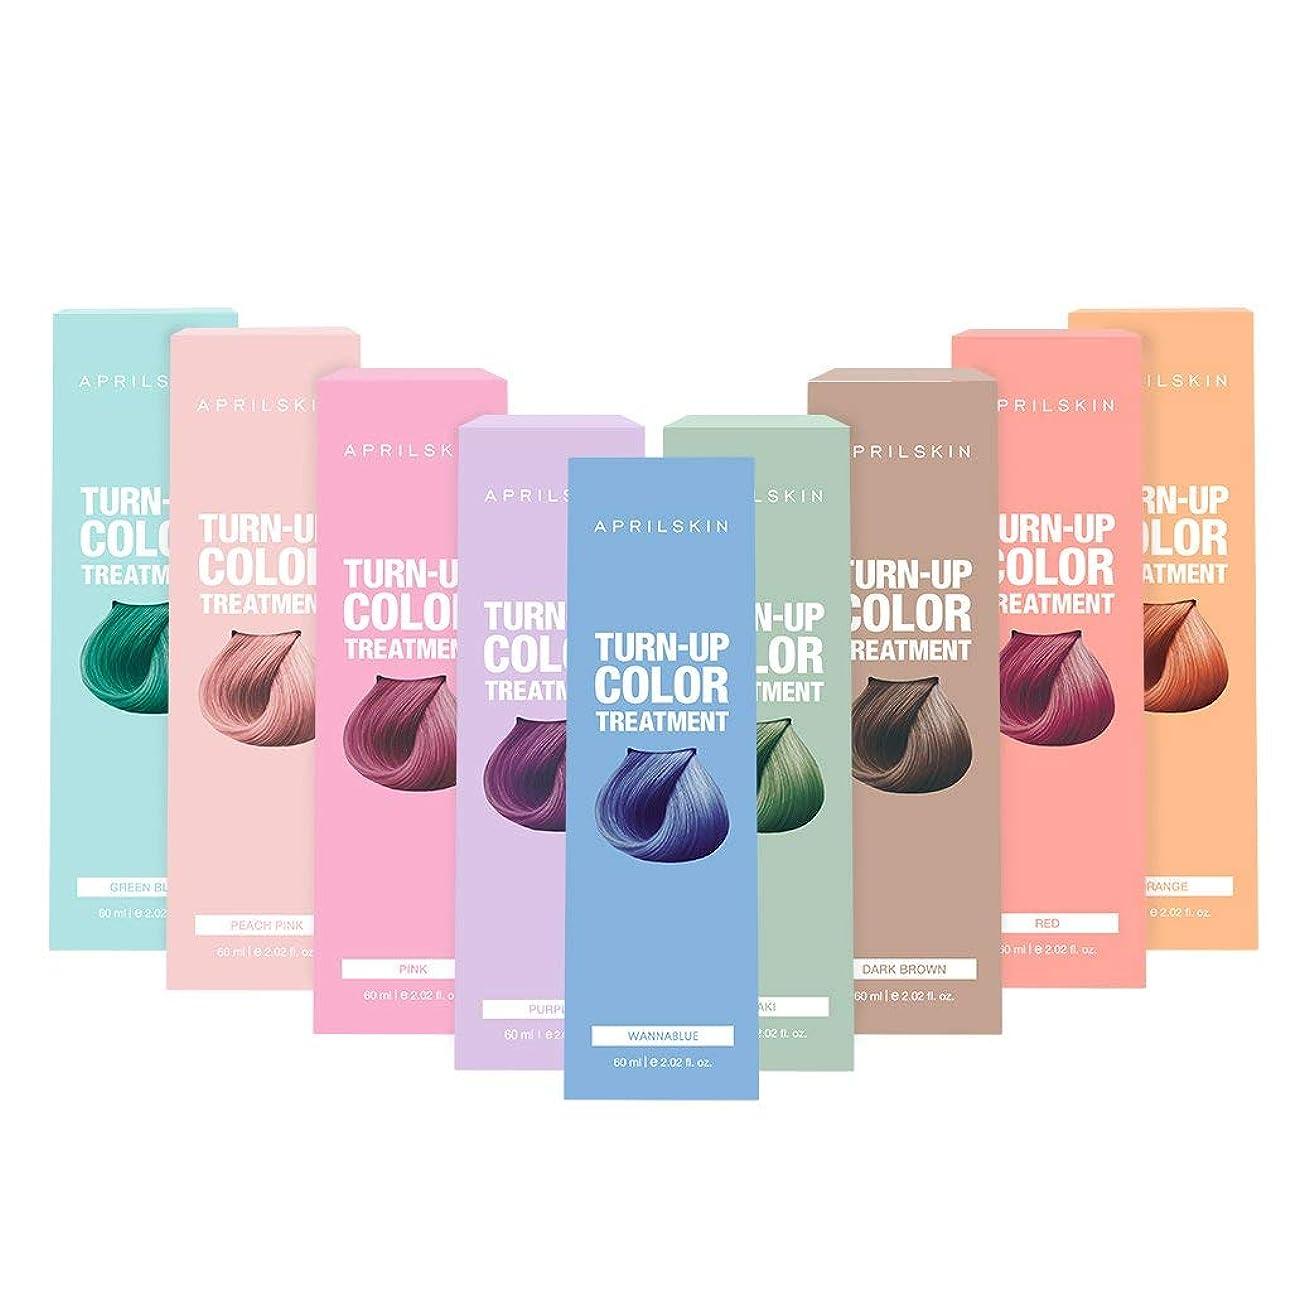 ウミウシパーチナシティセンチメートルApril Skin Turn up Color Treatment★ビッグセール★ターンアップカラートリートメント60ml (Dark Brown)/ヘアダイ/トリートメント/K-Beauty